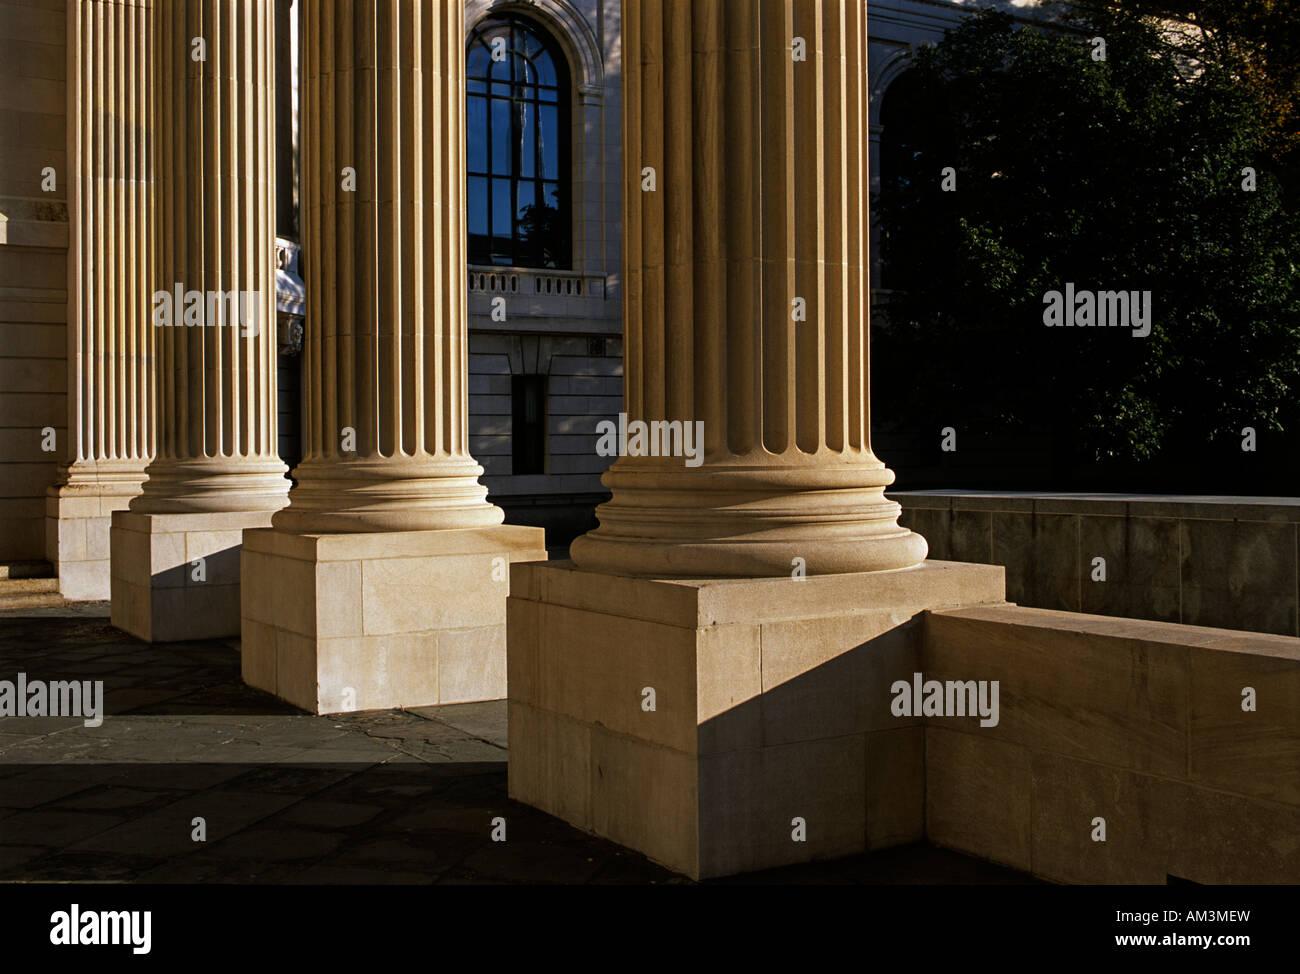 Alumni War Memorial in Hewitt Quad at Yale. Part of Alumni War Memorial - Stock Image